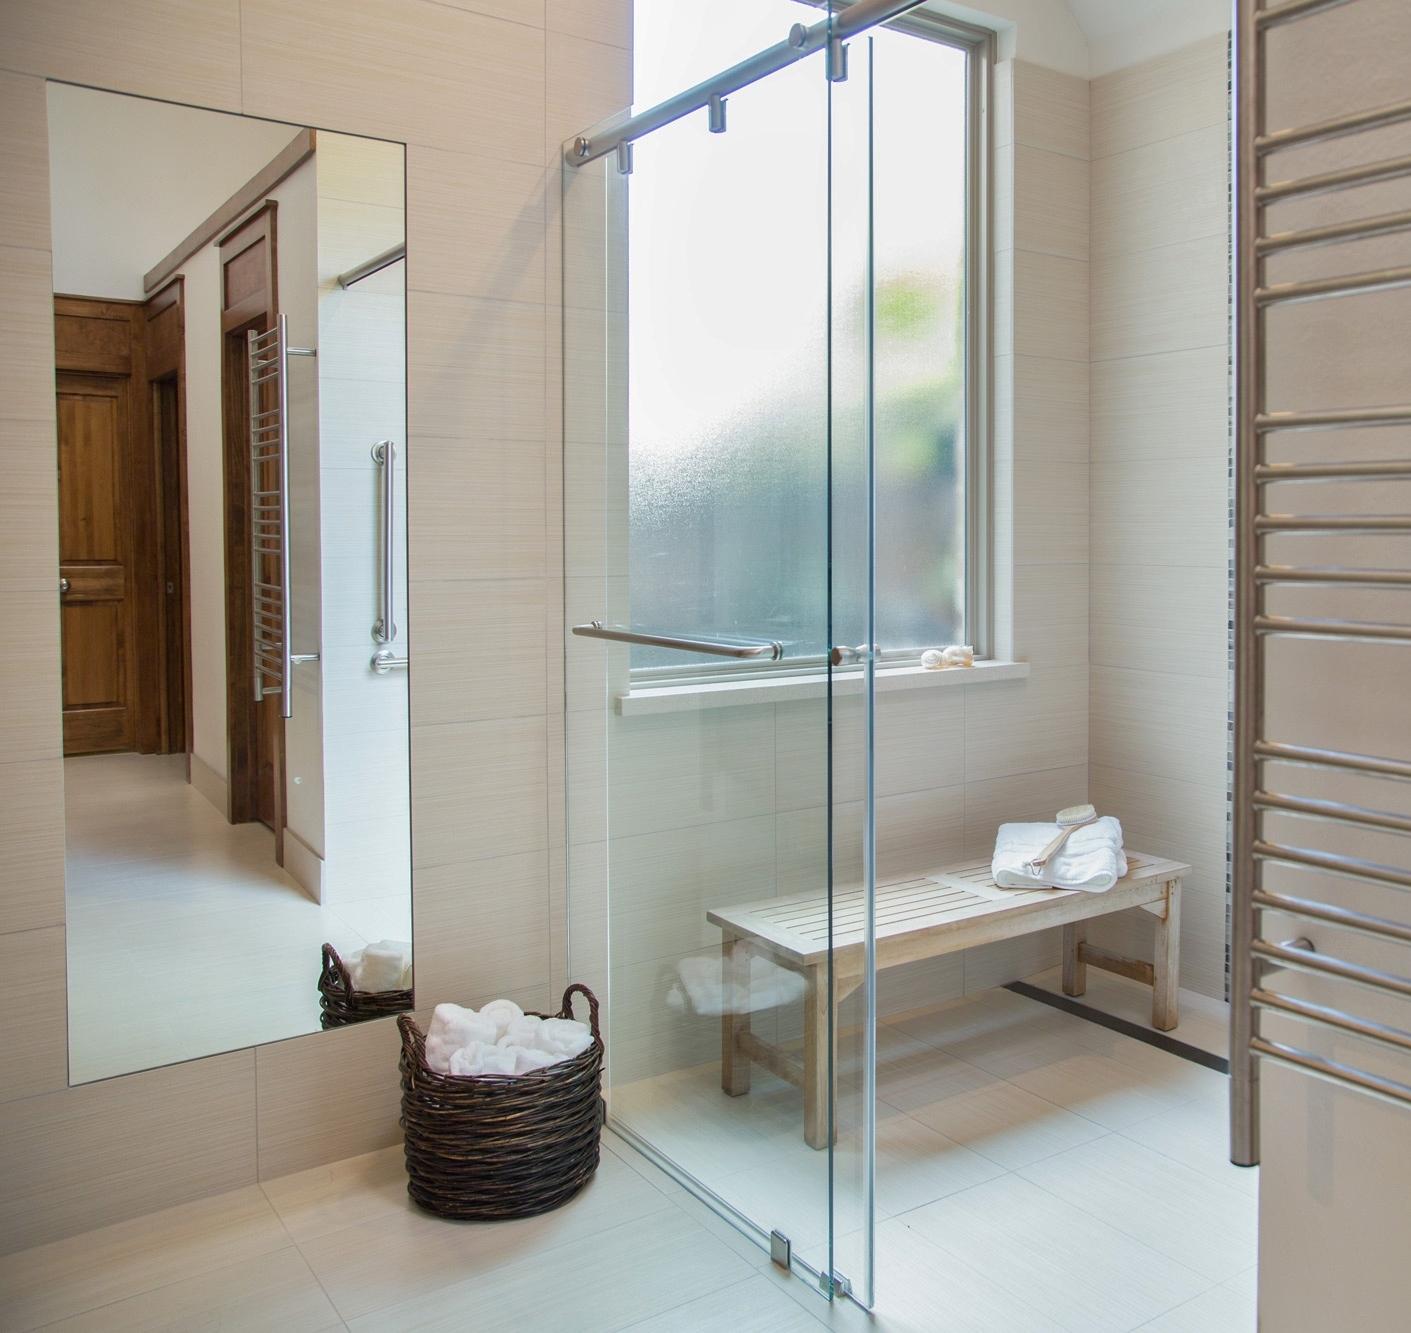 Tile runs from bathroom into shower | Designer: Carla Aston, Photographer: Tori Aston